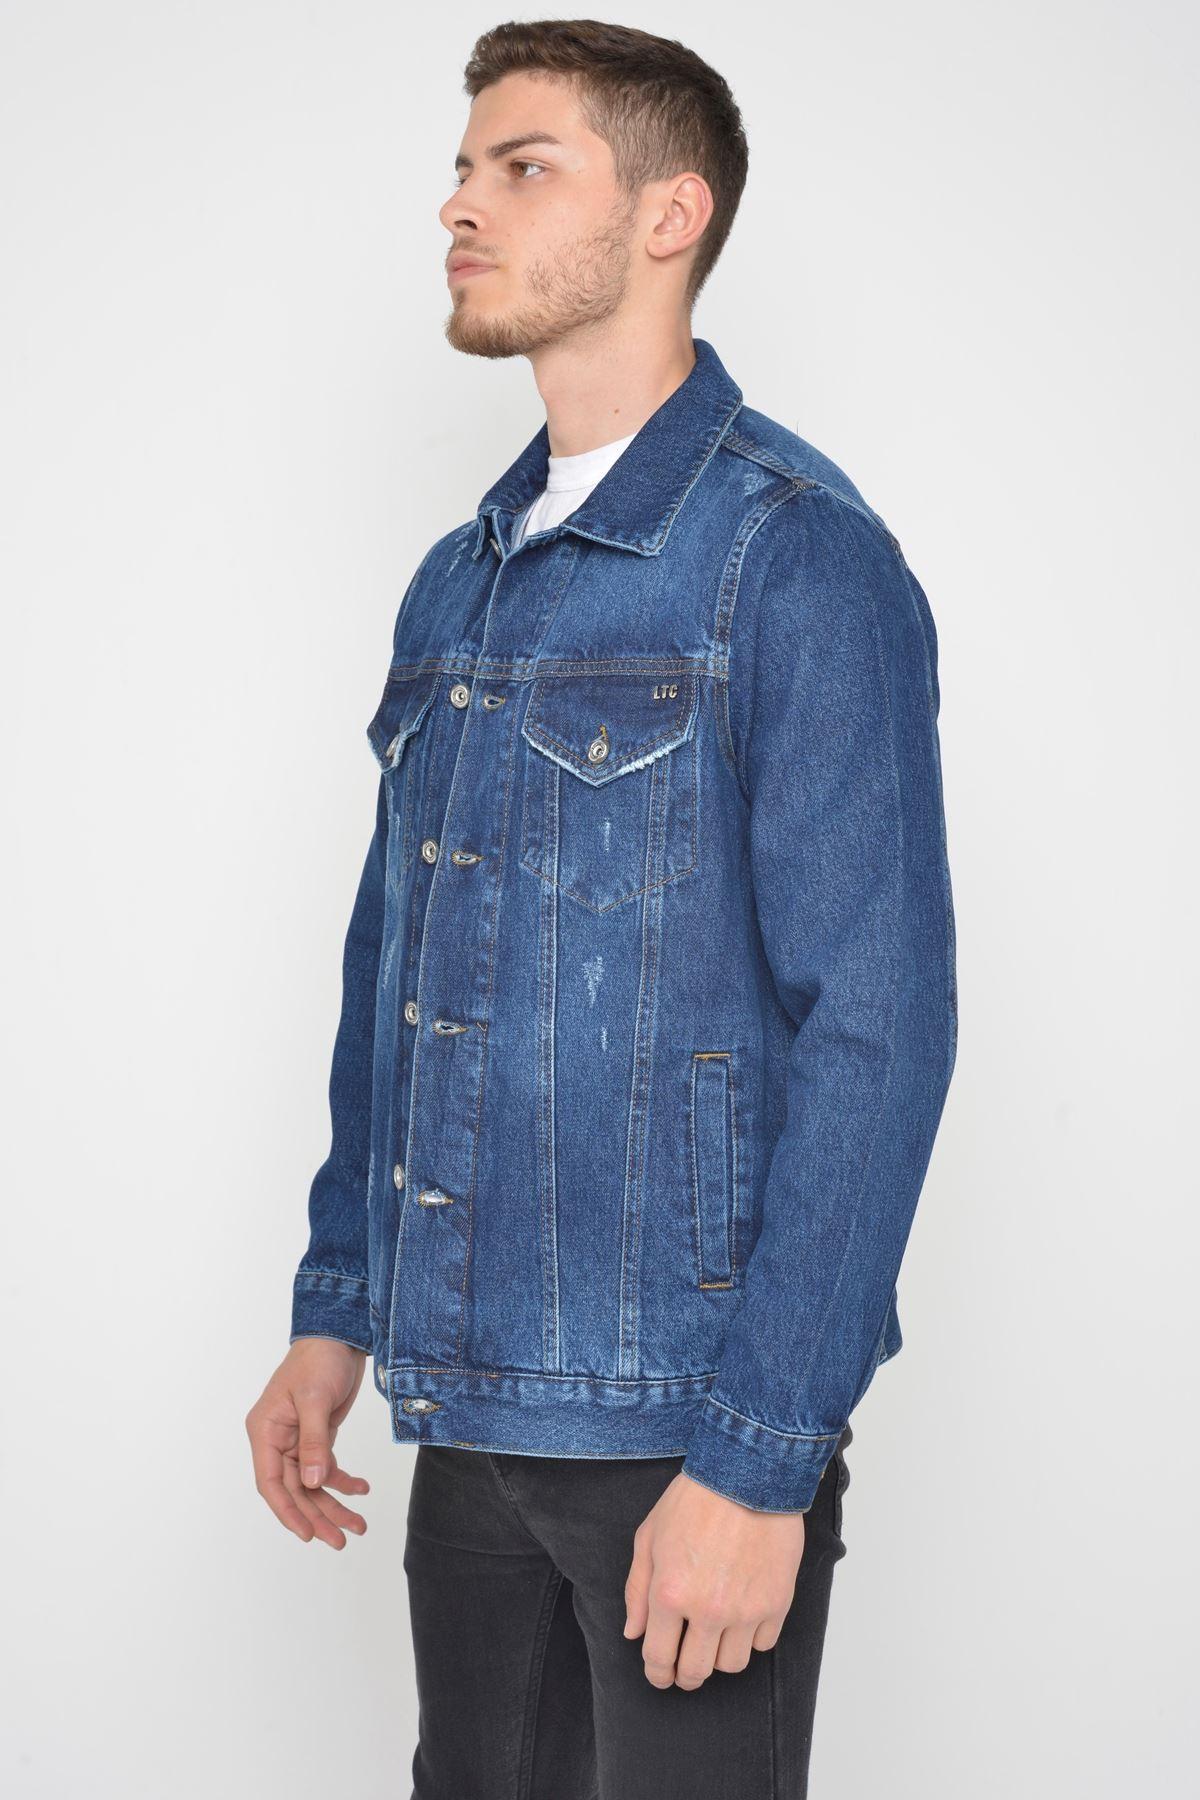 Oversize Koyu Mavi Yıkamalı Yıpratmalı Düğmeli Erkek  Kot Ceket